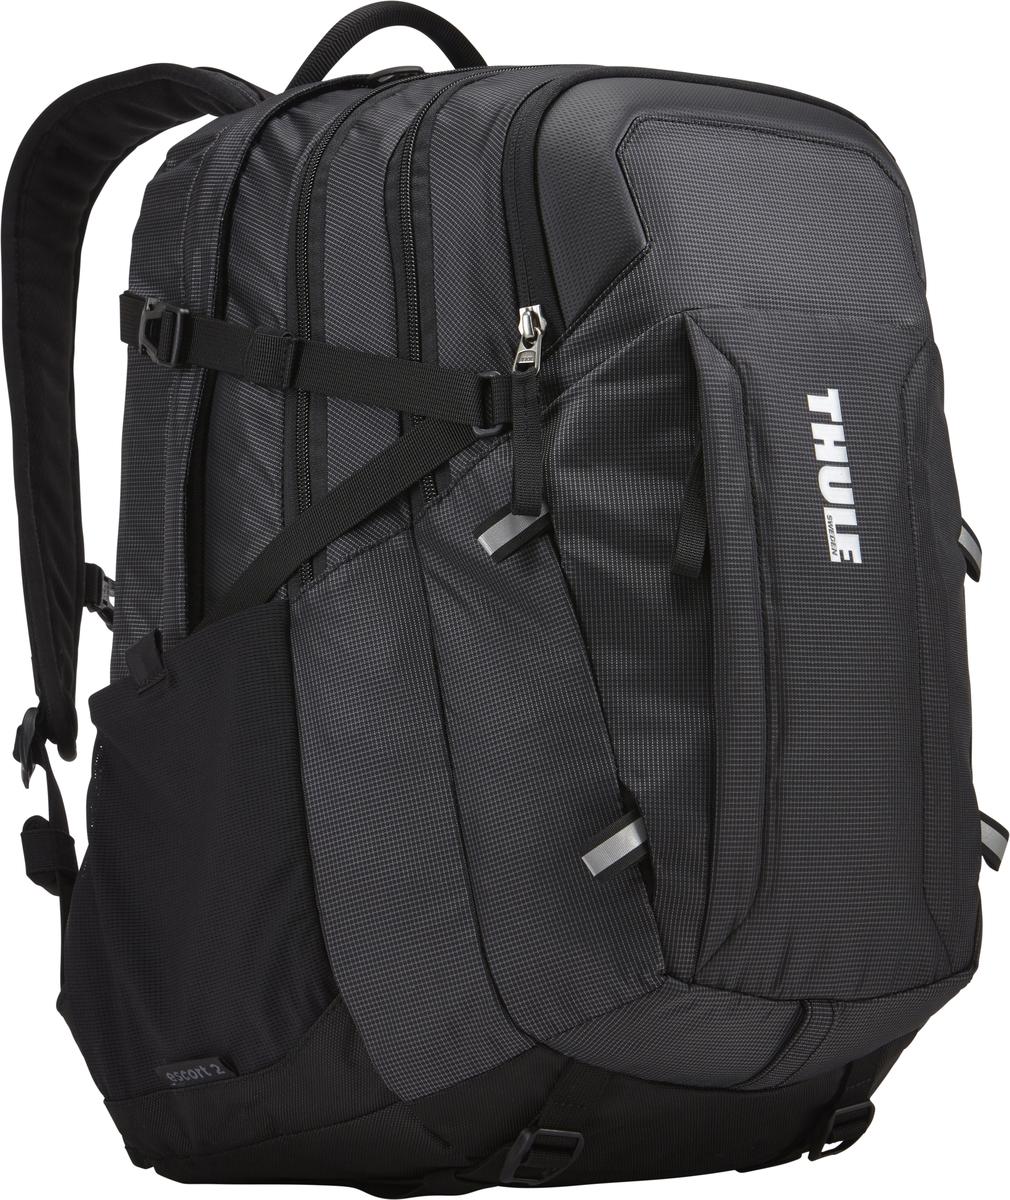 Рюкзак Thule EnRoute Escort 2, цвет: черный, 27 л3202887Рюкзак Thule EnRoute Escort 2 - Рюкзак объемом 27 л обеспечивает оптимальную вместимость для повседневного хранения вещей. Отличается использованием конструкции SafeEdge для защиты ноутбука. Вмещает MacBook Pro с диагональю экрана 15 или ноутбук с диагональю экрана 15,6 и дополнительно планшет. Отделение для ноутбука с конструкцией SafeEdge и дополнительный чехол для планшета с мягкой подкладкой. В ударопрочном отделении SafeZone для солнечных очков и хрупких вещей есть специальный карман для телефона. В отделении для ноутбука также можно хранить питьевую систему (в комплект не входит). Большое основное отделение позволяет хранить ваше снаряжение отдельно от электроники. Карманы на переднем клапане, обеспечивающие быстрый доступ. Потайные крепления со светоотражающими деталями. Панель-органайзер обеспечит надежное хранение и быстрый поиск мелких предметов. Выемки для вентиляции на задней стороне обеспечивают циркуляцию воздуха. Поясной ремень обеспечивает дополнительную фиксацию тяжелых грузов.